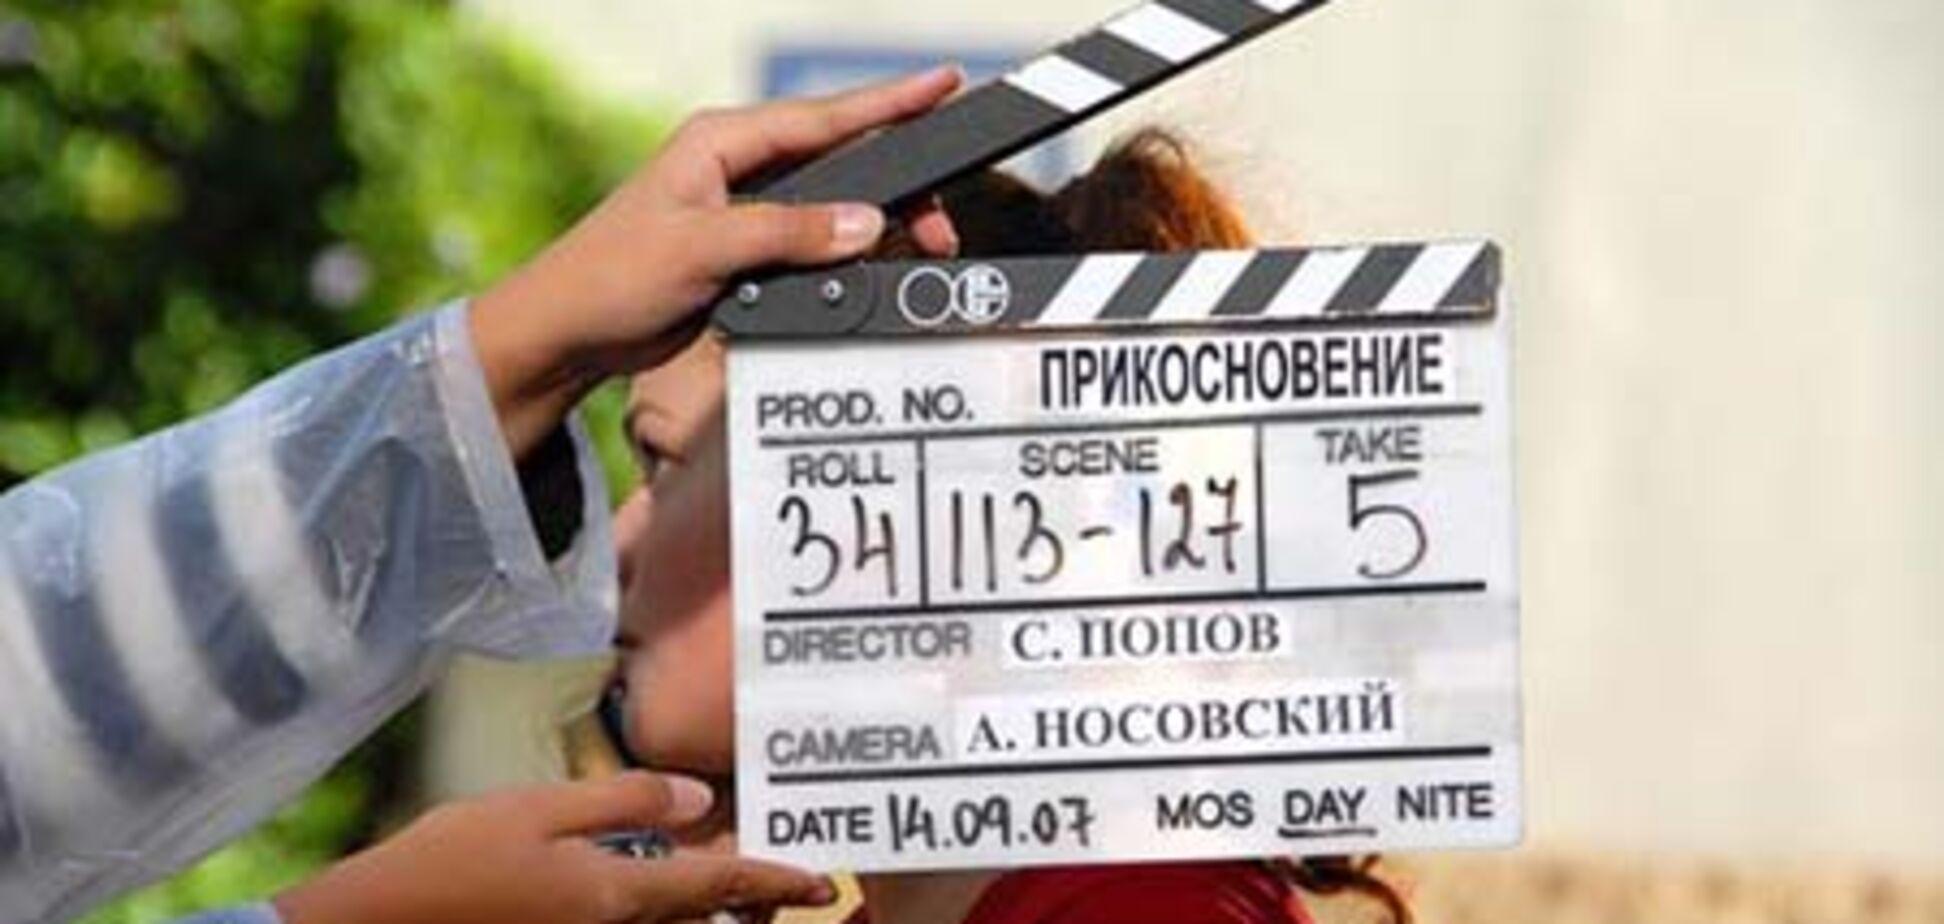 Українському кіно додадуть 100 мільйонів